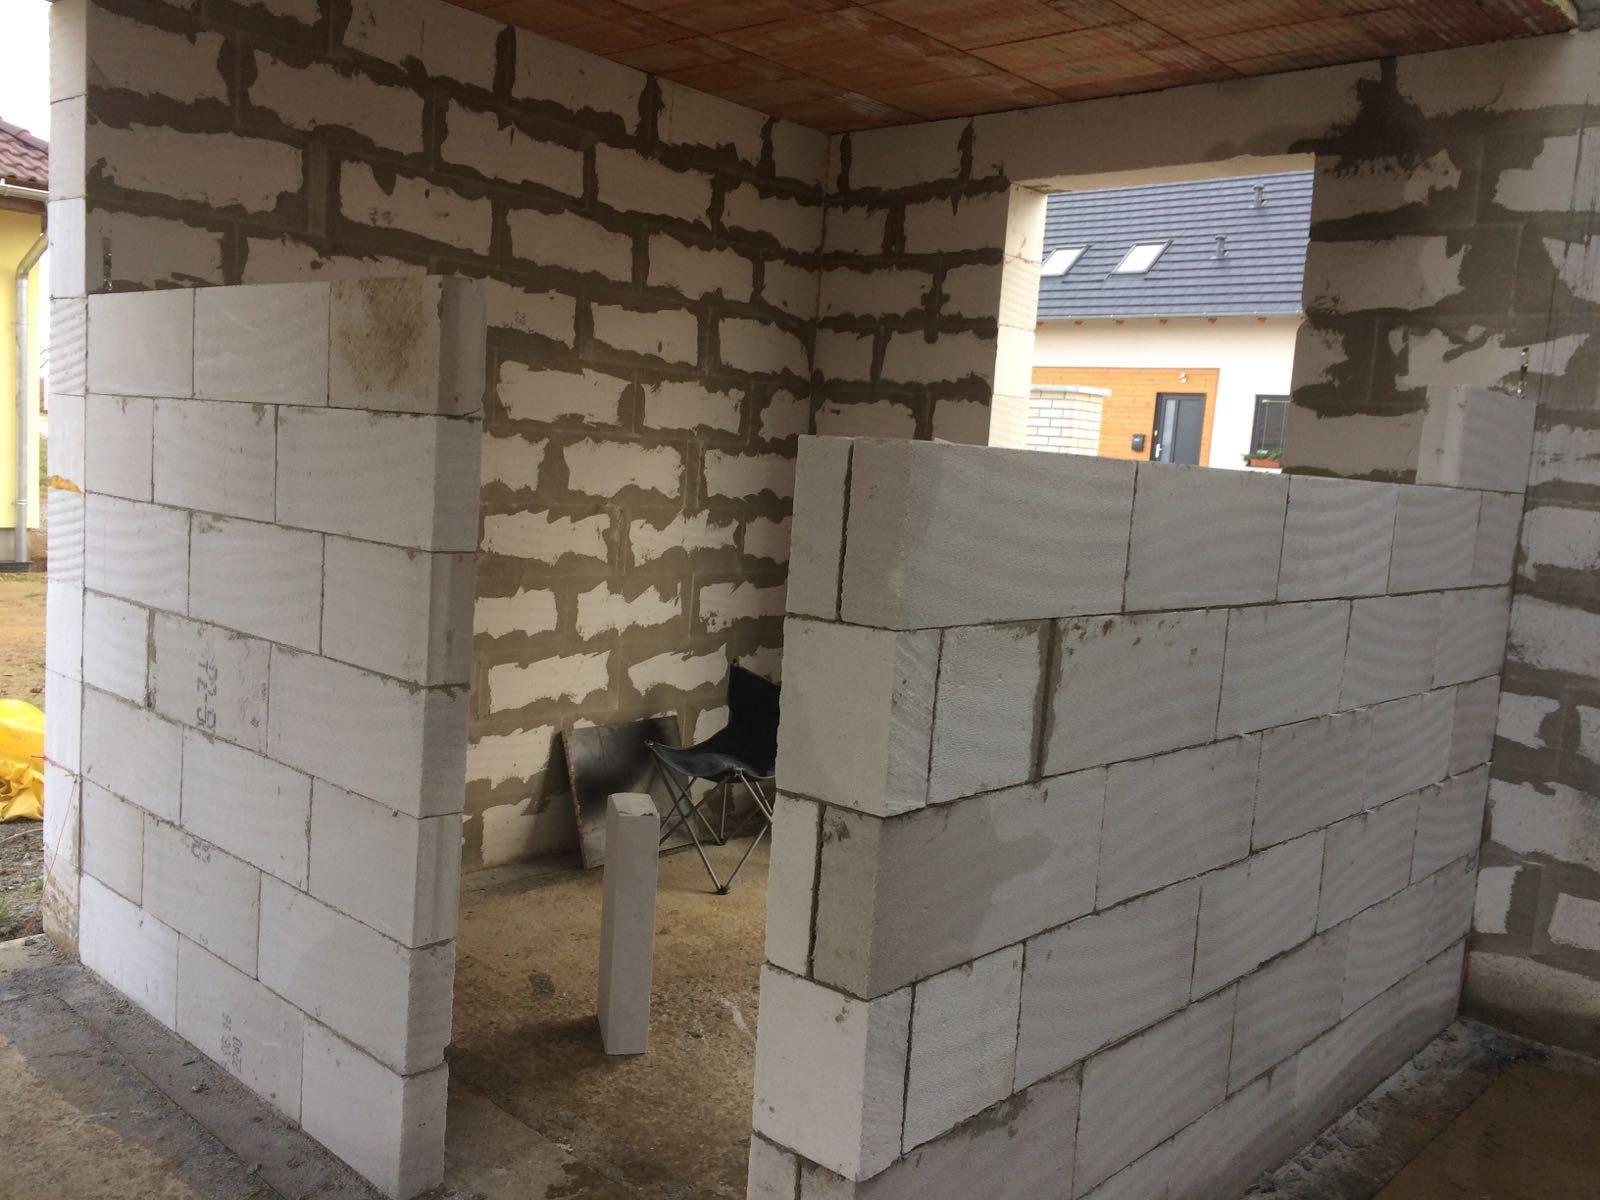 Stavba domu na kraji Prahy - Vnitřní stěny začínají růst. Budoucí pracovna se rýsuje.